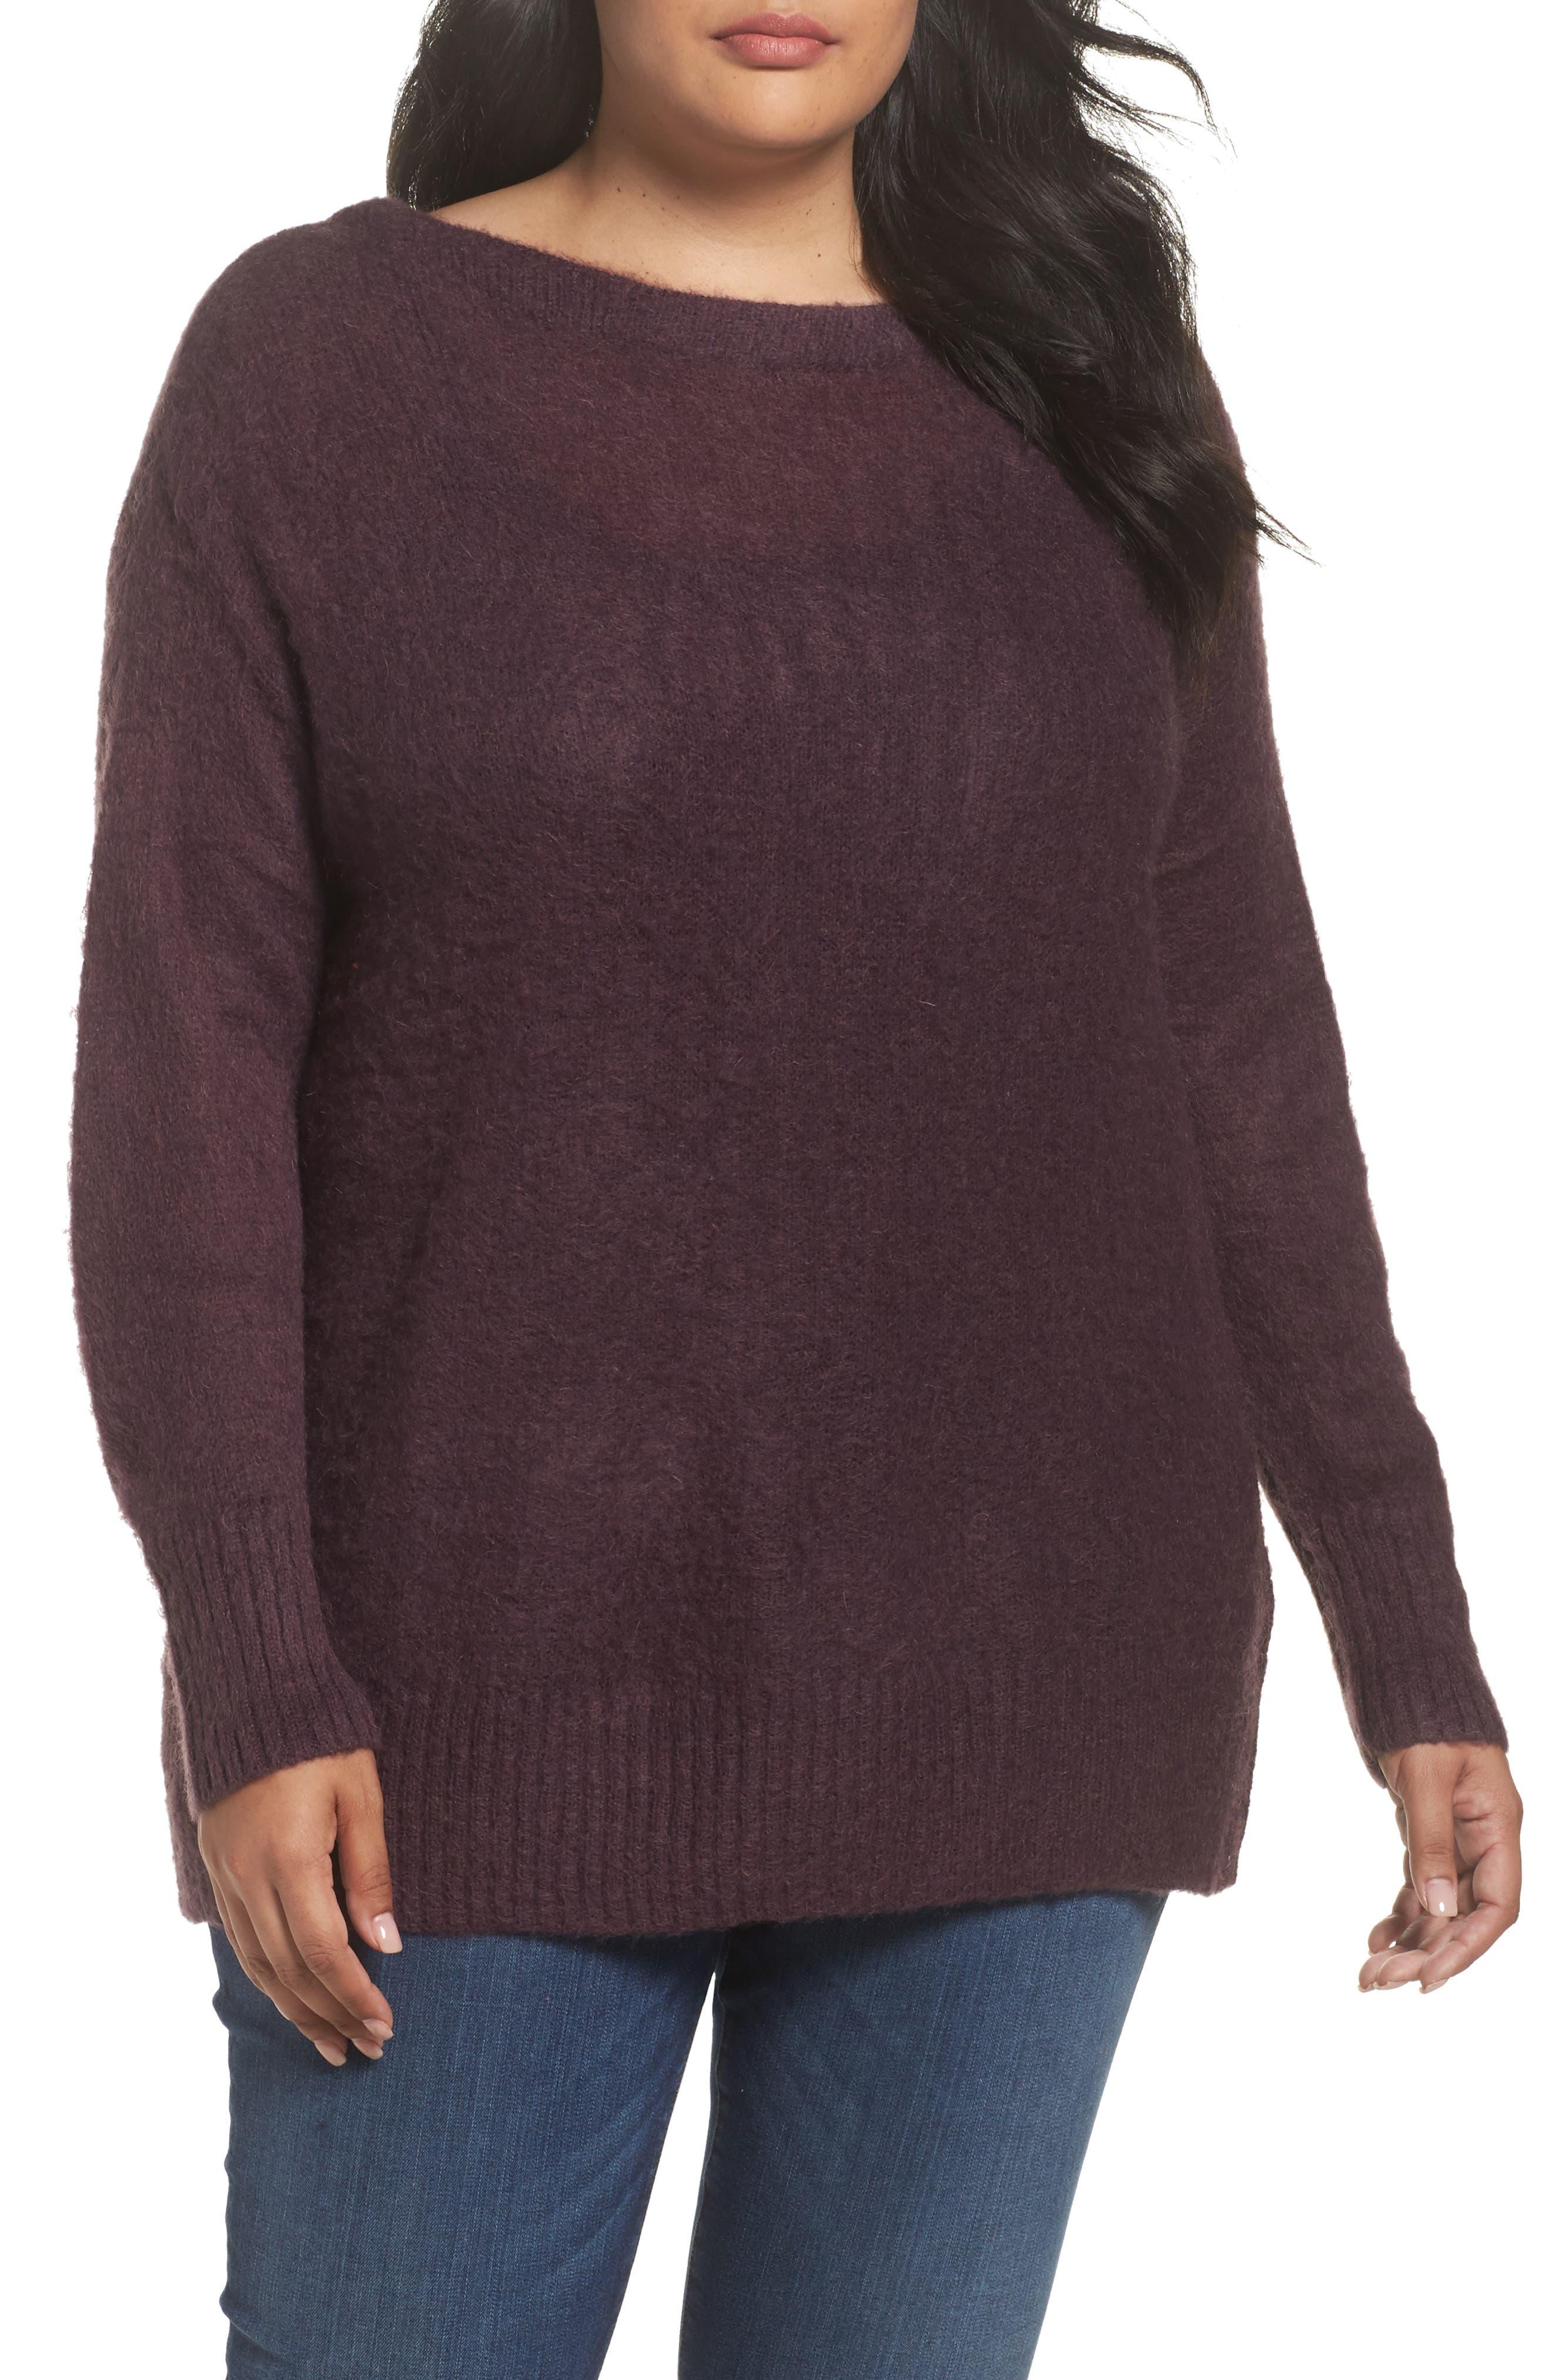 Main Image - Caslon® Long Sleeve Brushed Sweater (Plus Size)